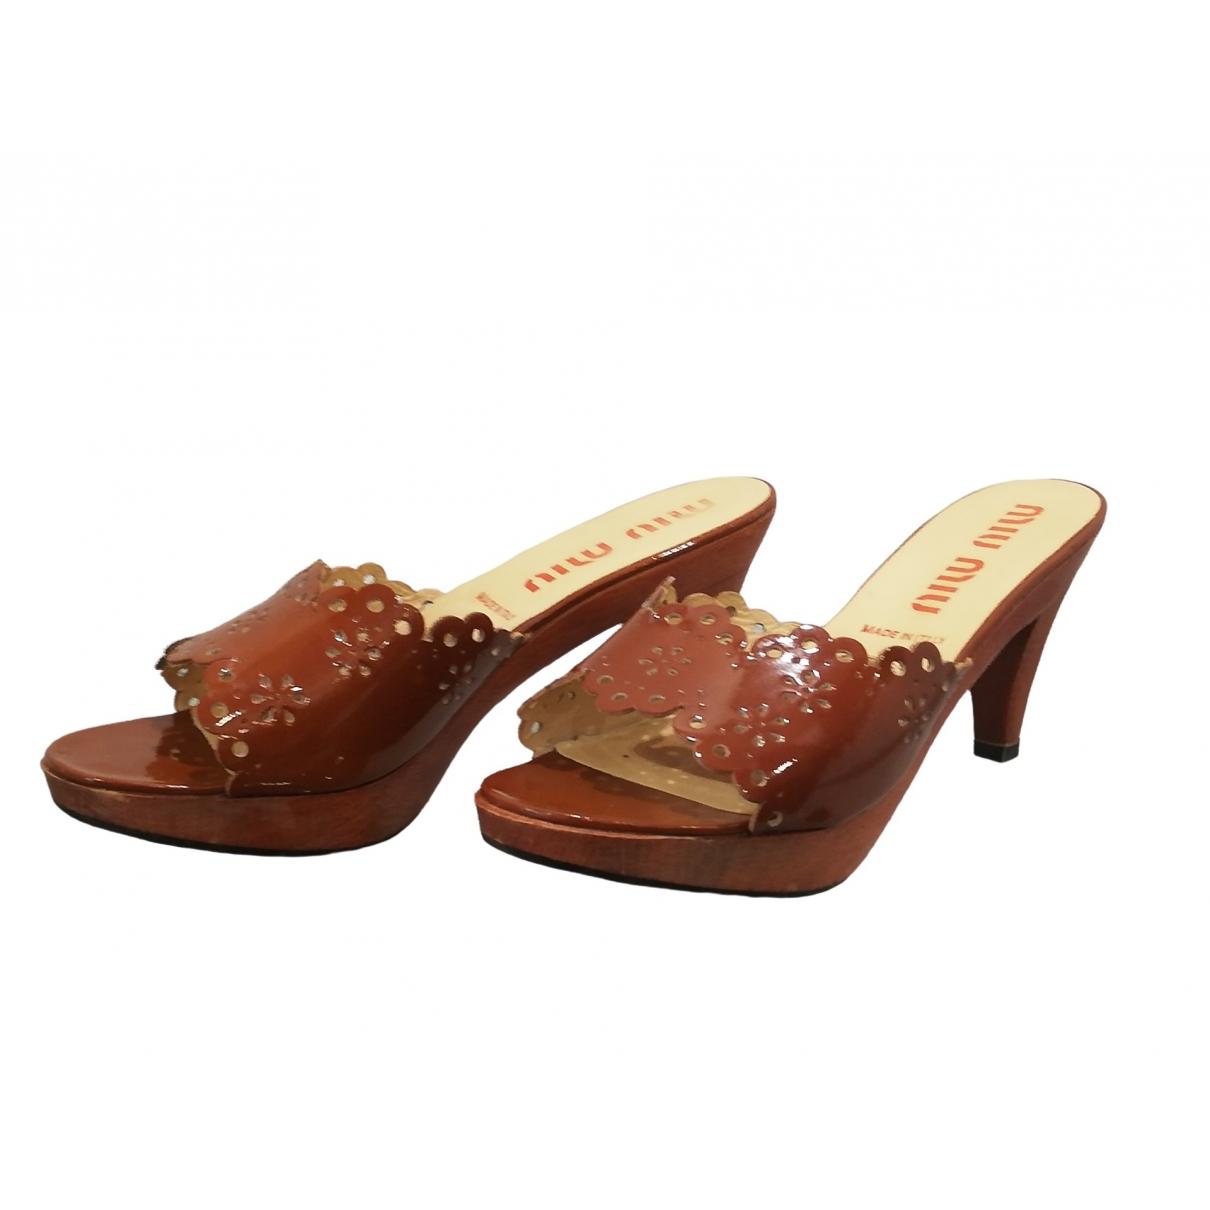 Miu Miu \N Brown Patent leather Mules & Clogs for Women 38.5 EU